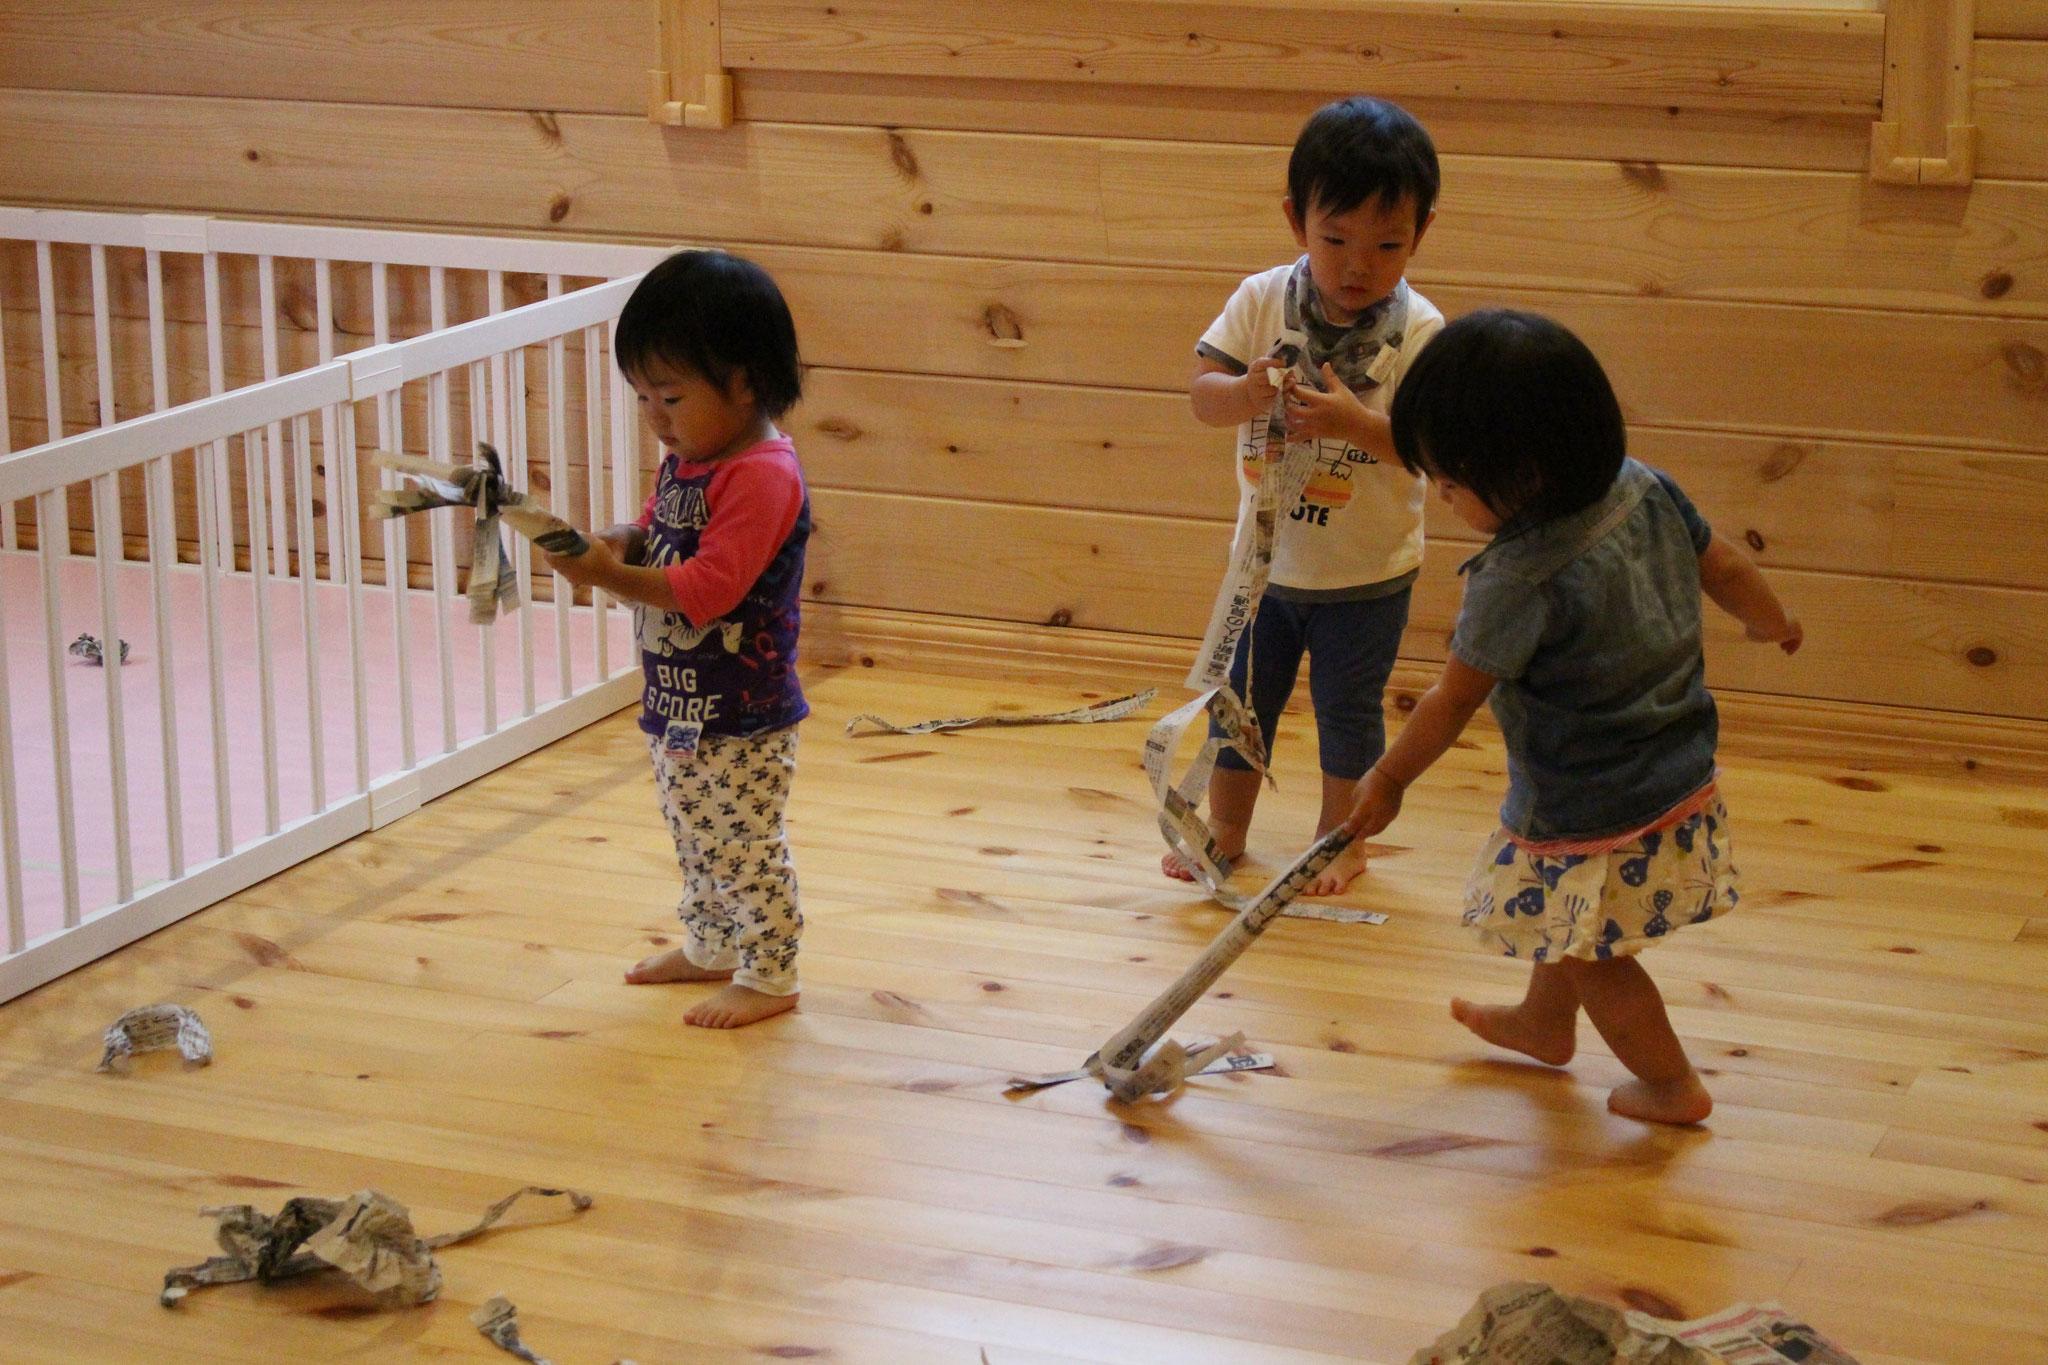 楽しみかたは 子どもそれぞれ ちがいますね~ 掃除機をかけているのかな~(・・?